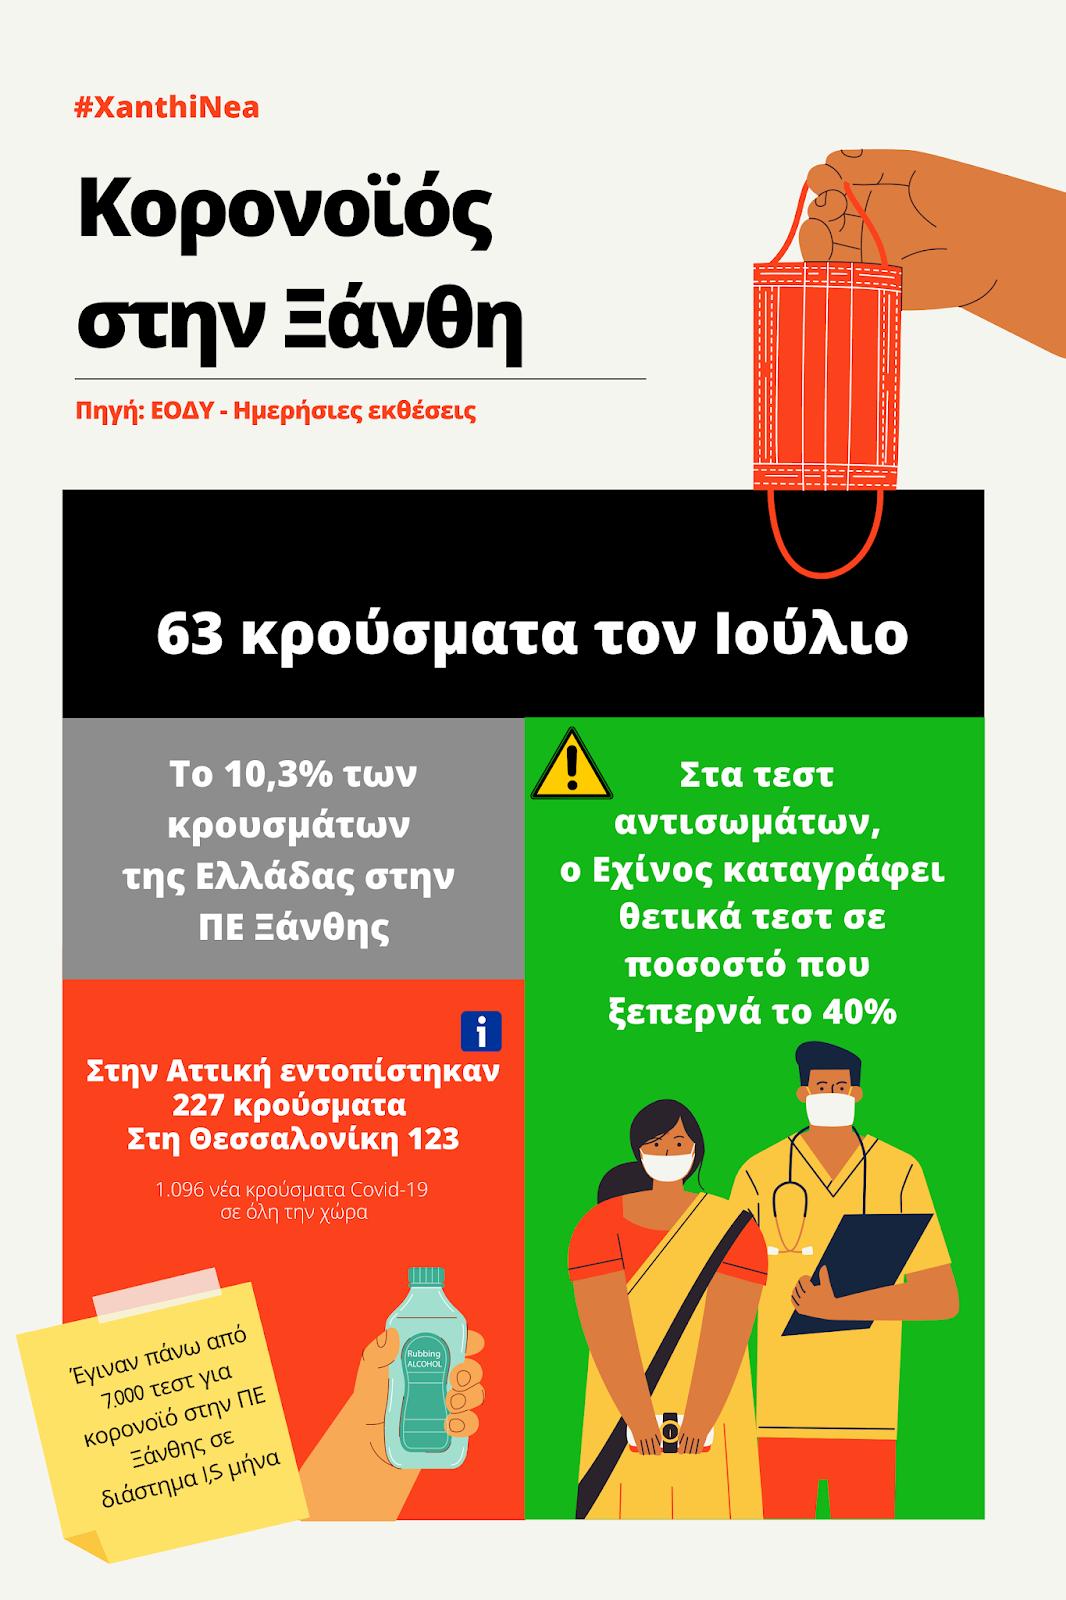 Κορονοϊός: 63 κρούσματα τον Ιούλιο στην Ξάνθη – Πτωτική πορεία του ιού (+Infographic)